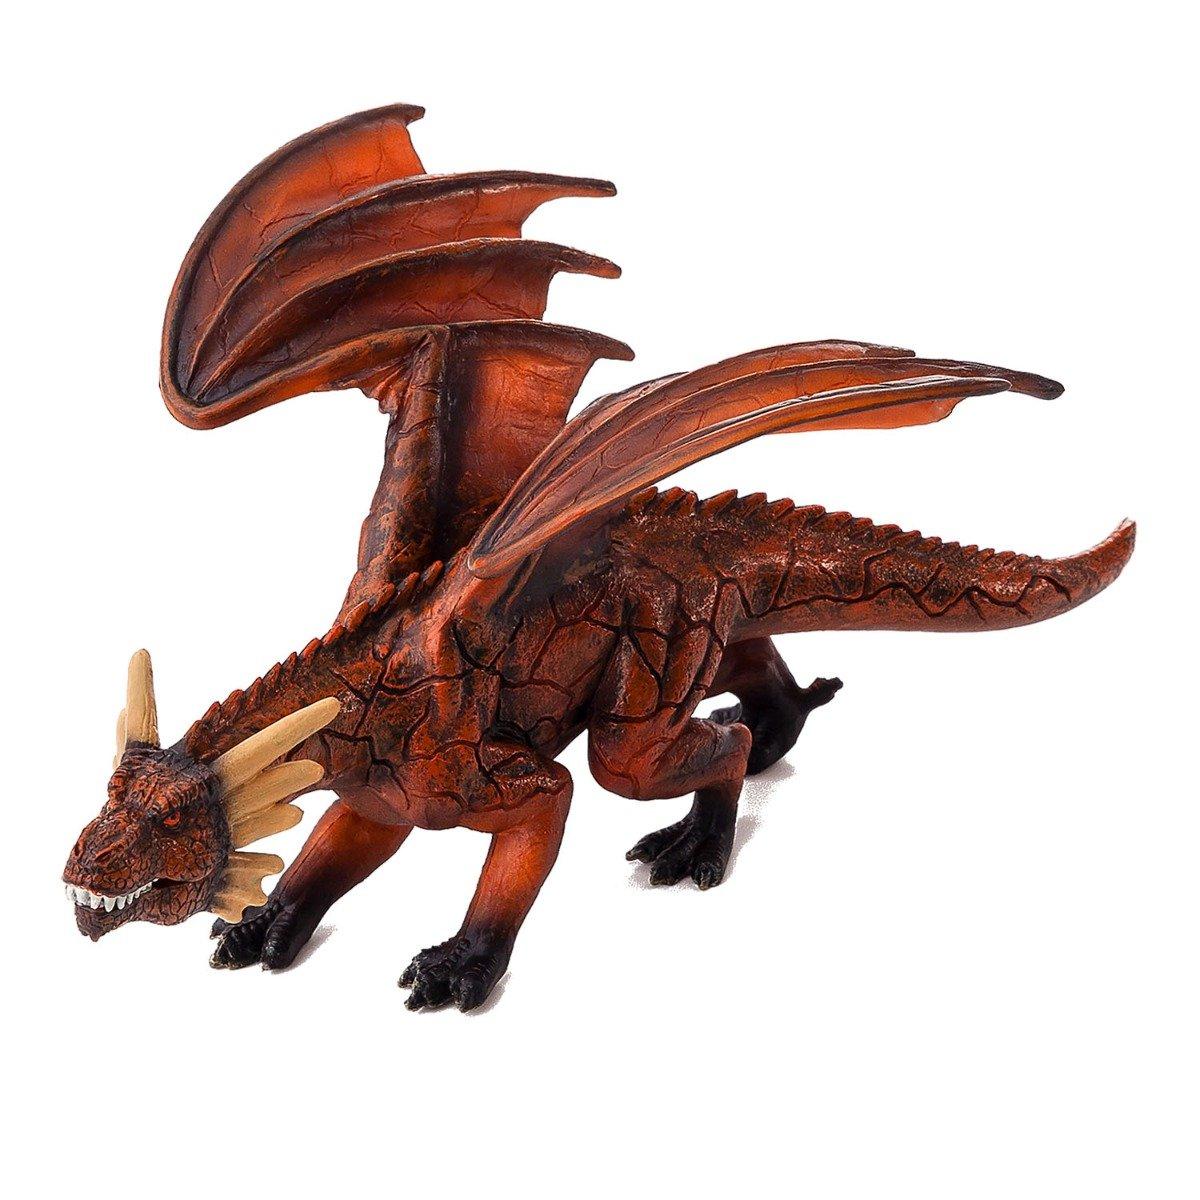 Figurina Mojo, Dragonul de foc cu mandibula articulata